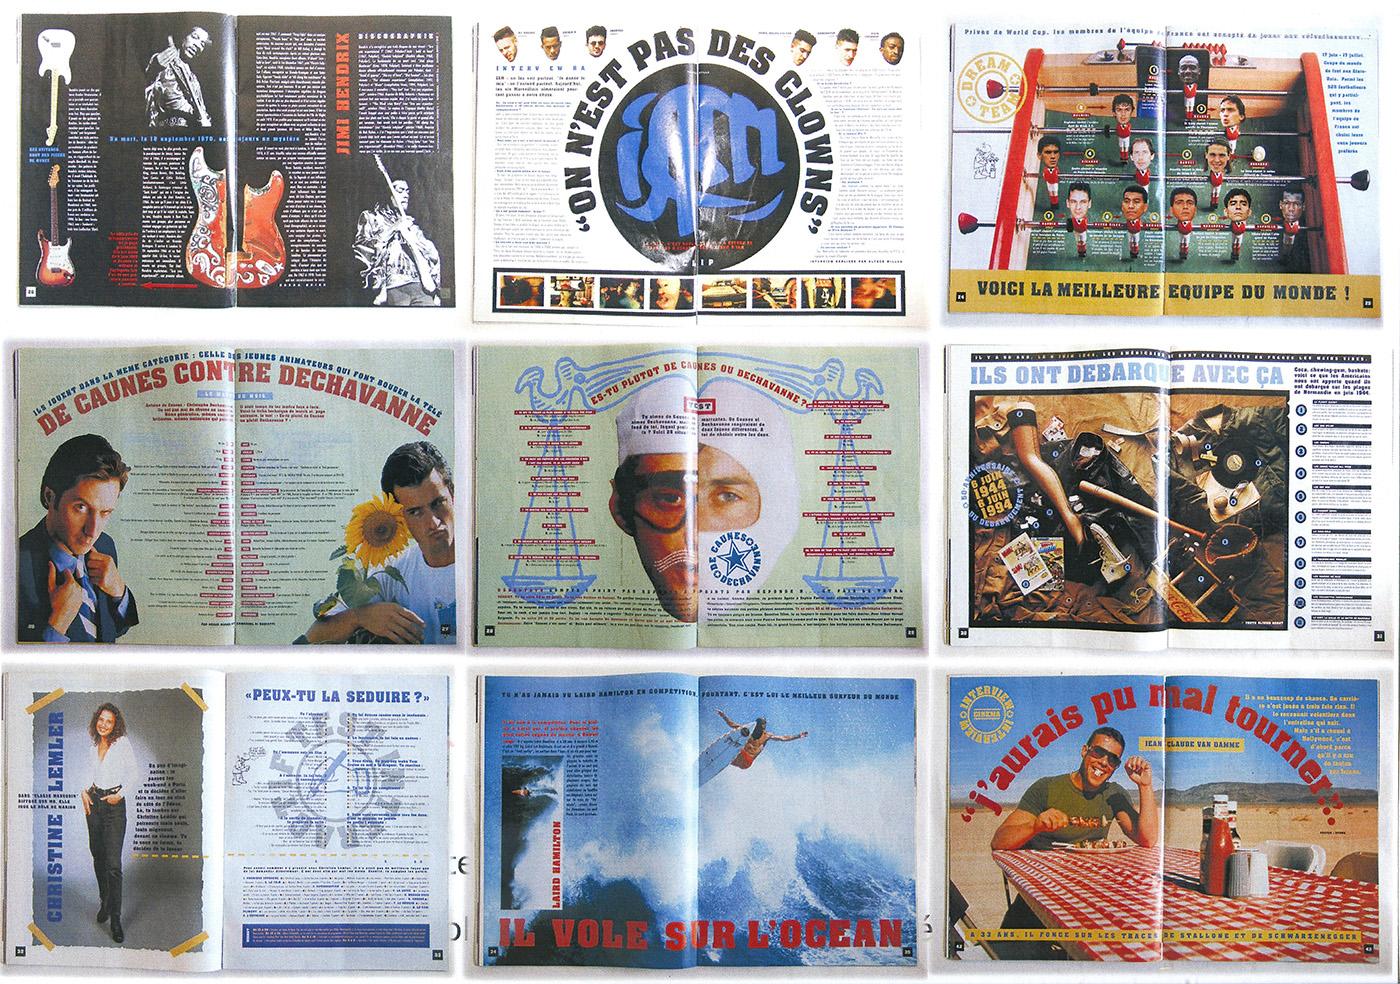 Les  pages internes au magazine XL